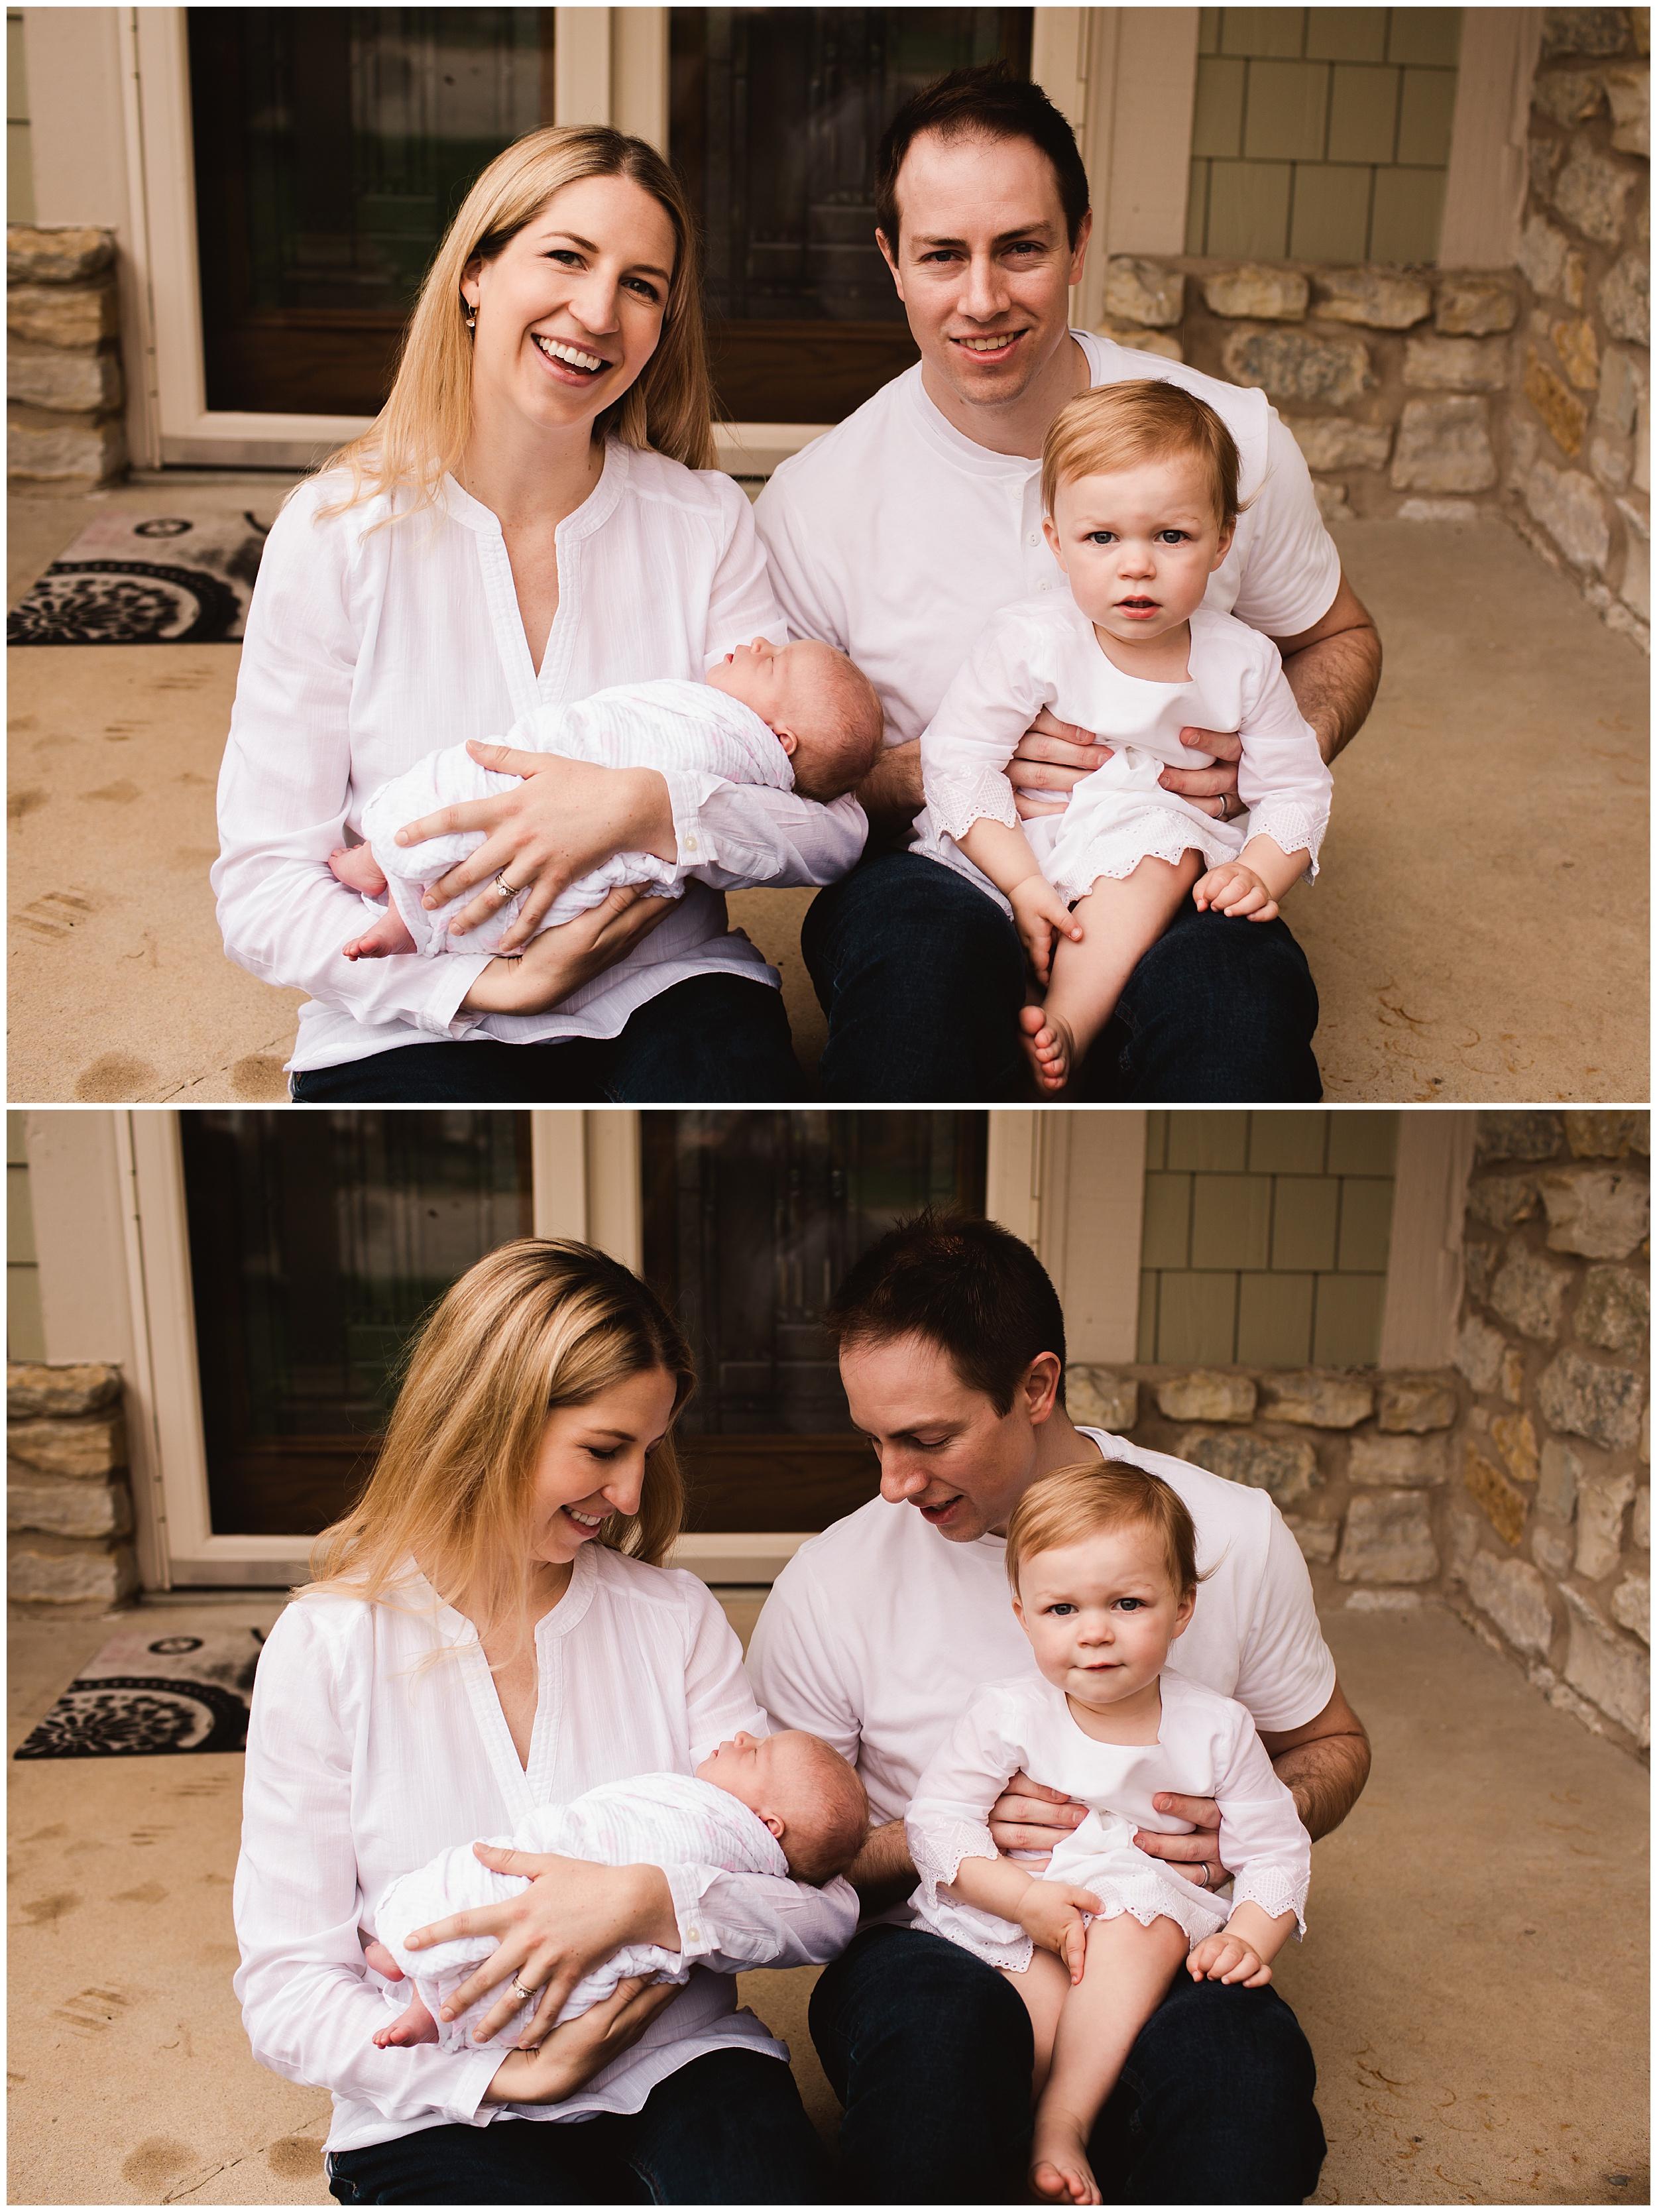 Indianapolis Family Photographer_Kelli White Photography_IG_0144.jpg